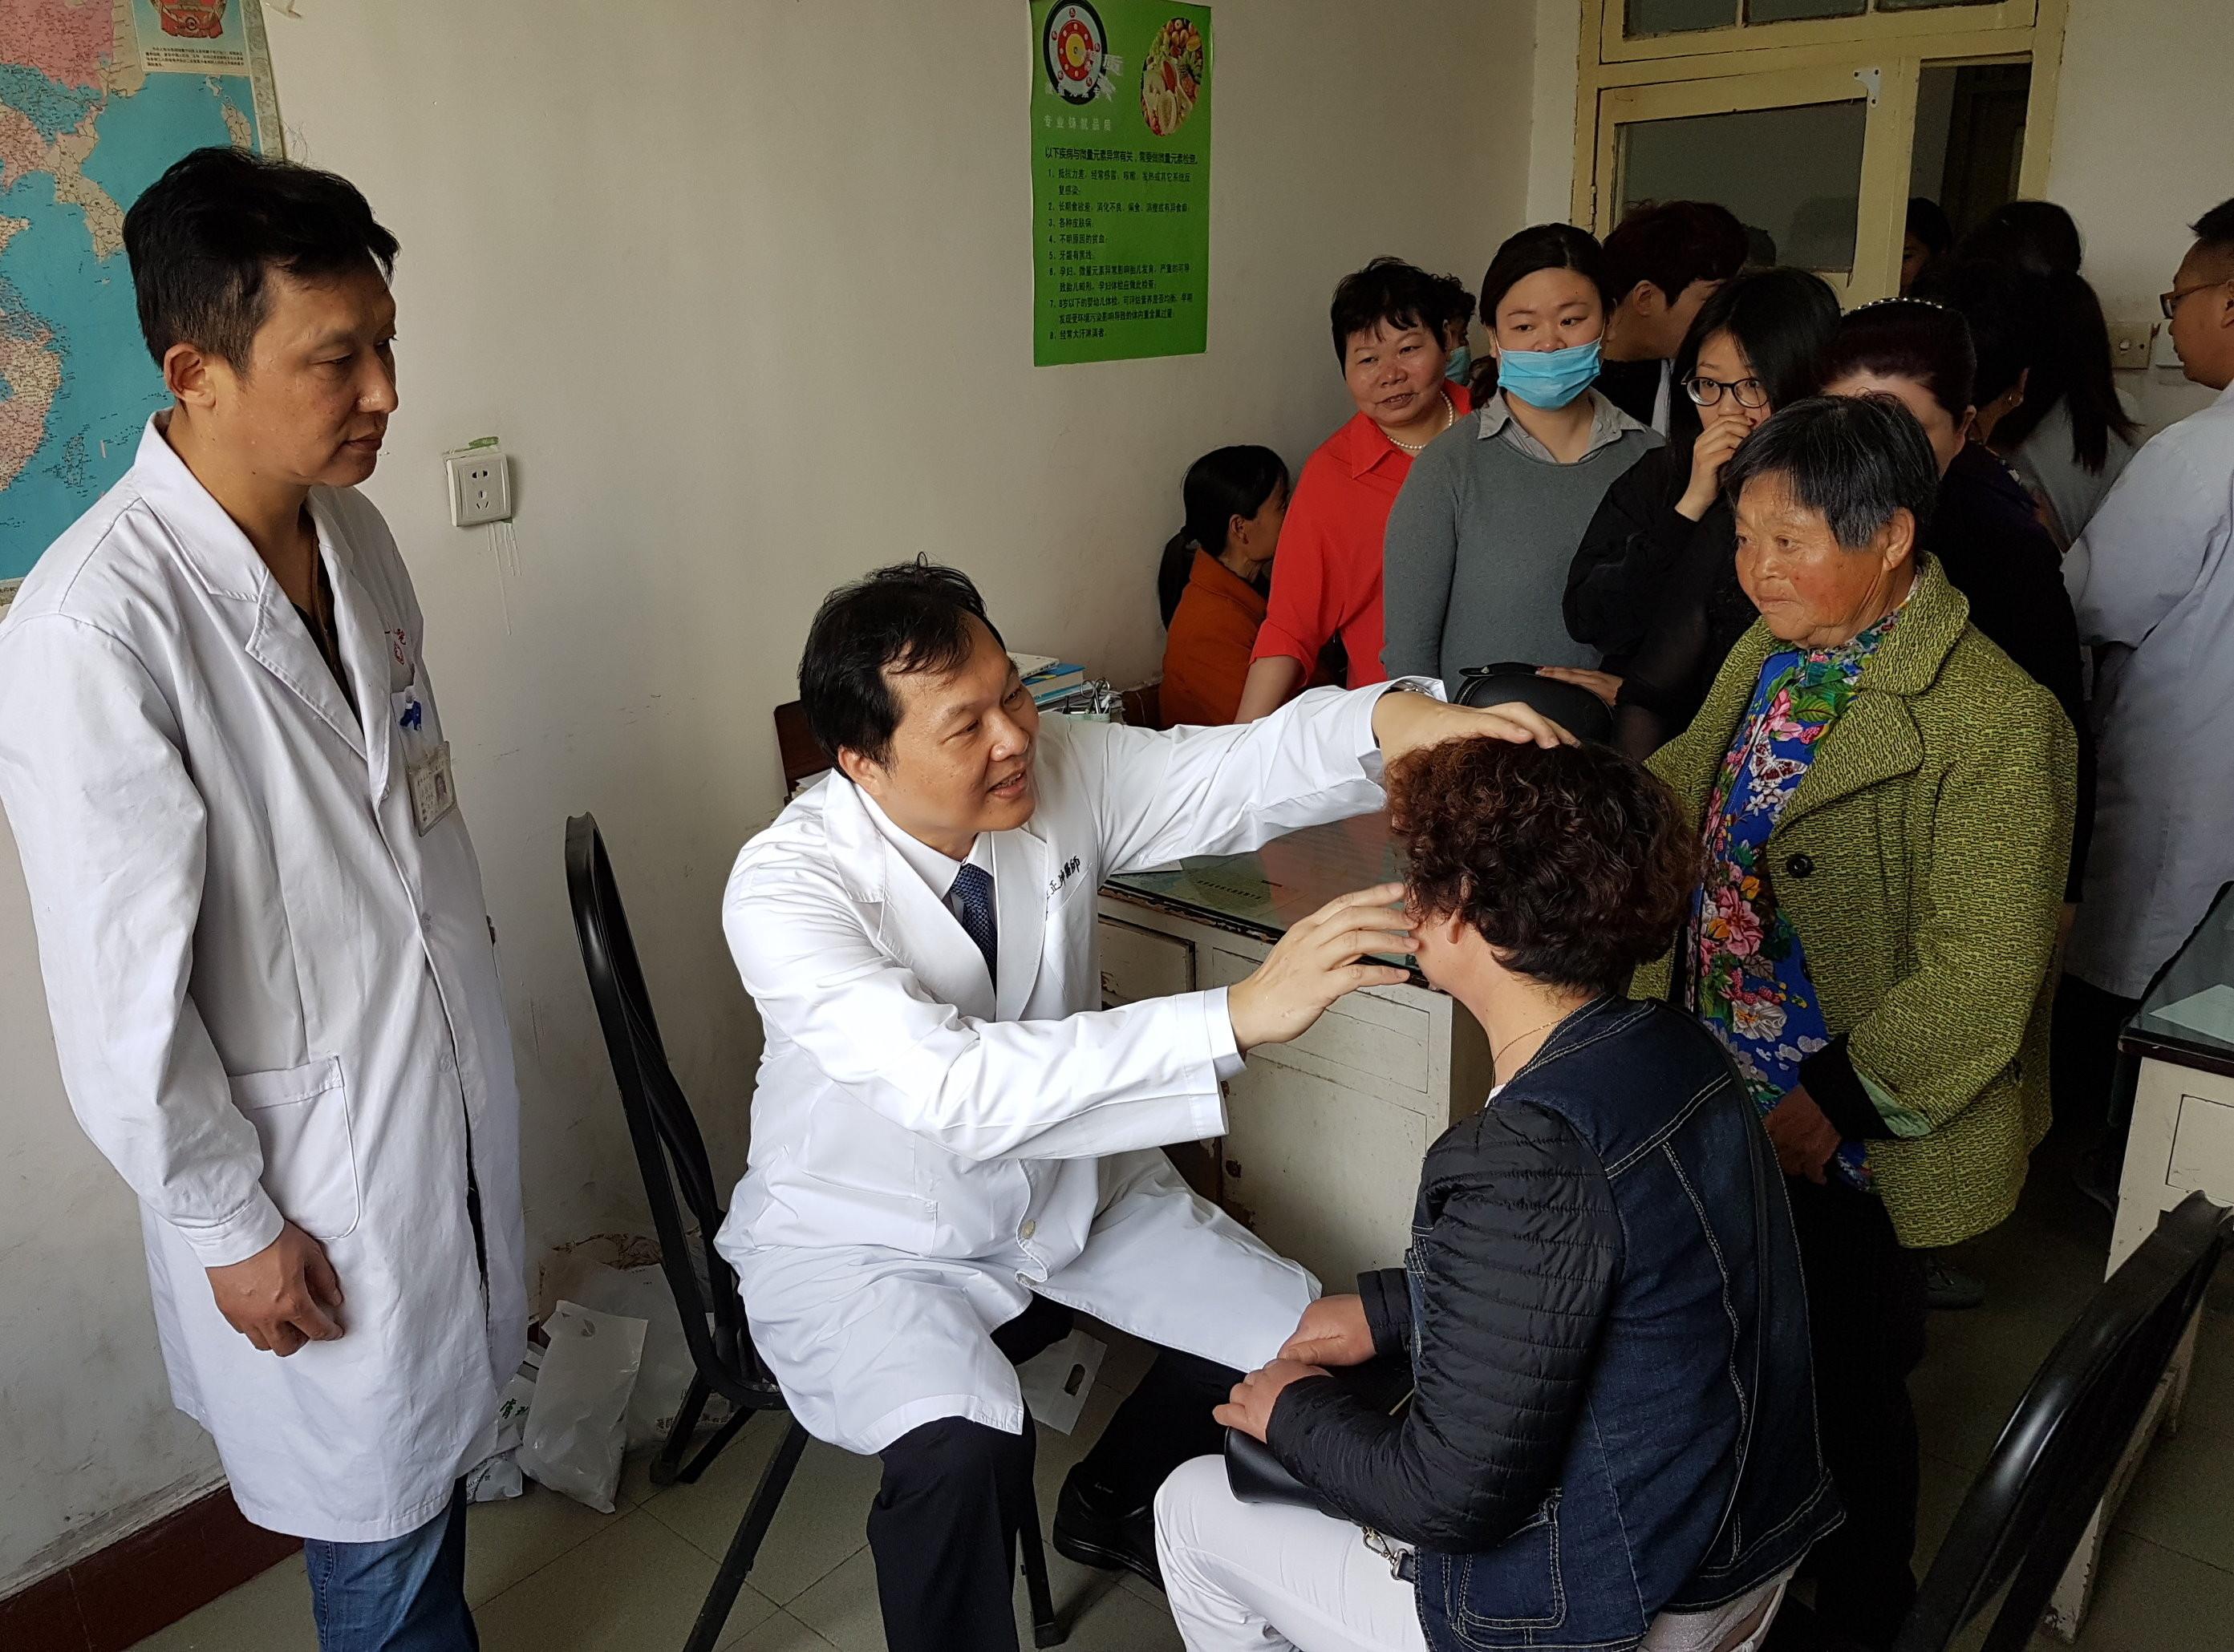 ▲王正坤醫師為患者看診。(圖/王正坤提供)